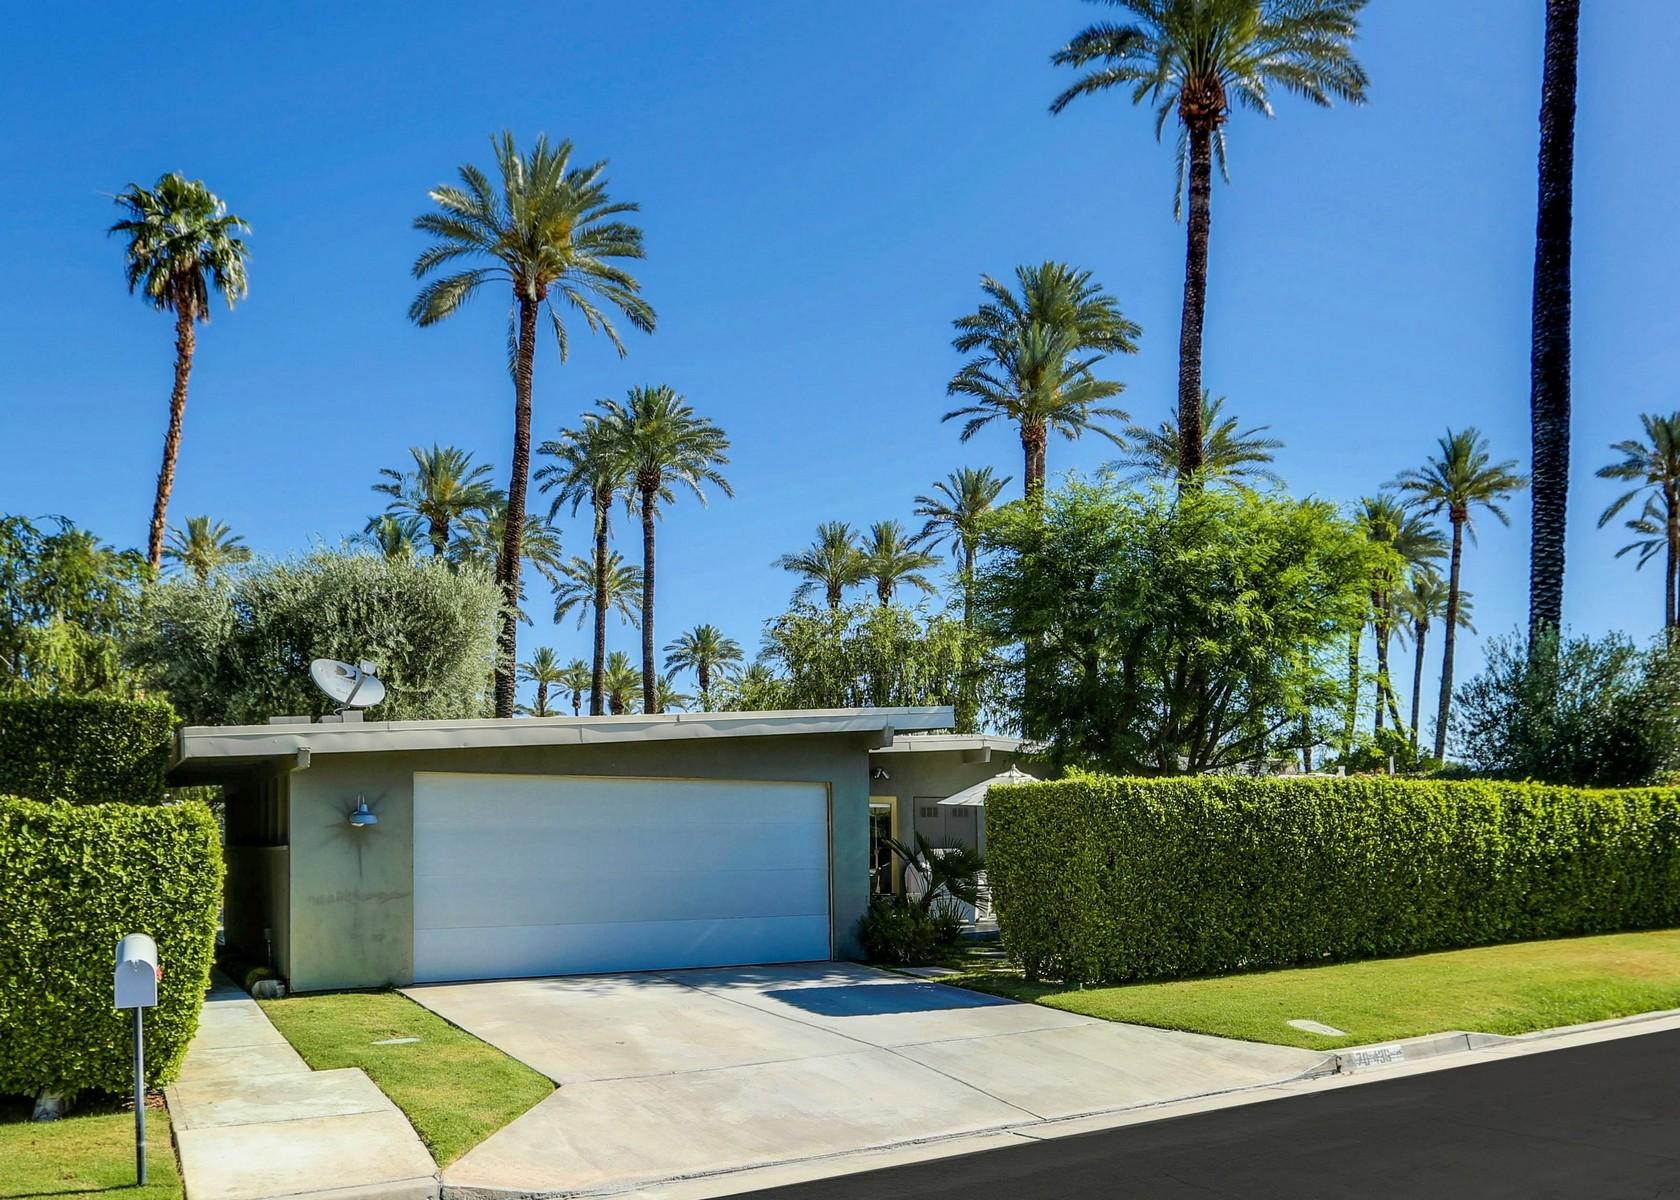 Villa per Vendita alle ore 70436 Tamarisk Lane Rancho Mirage, California, 92270 Stati Uniti